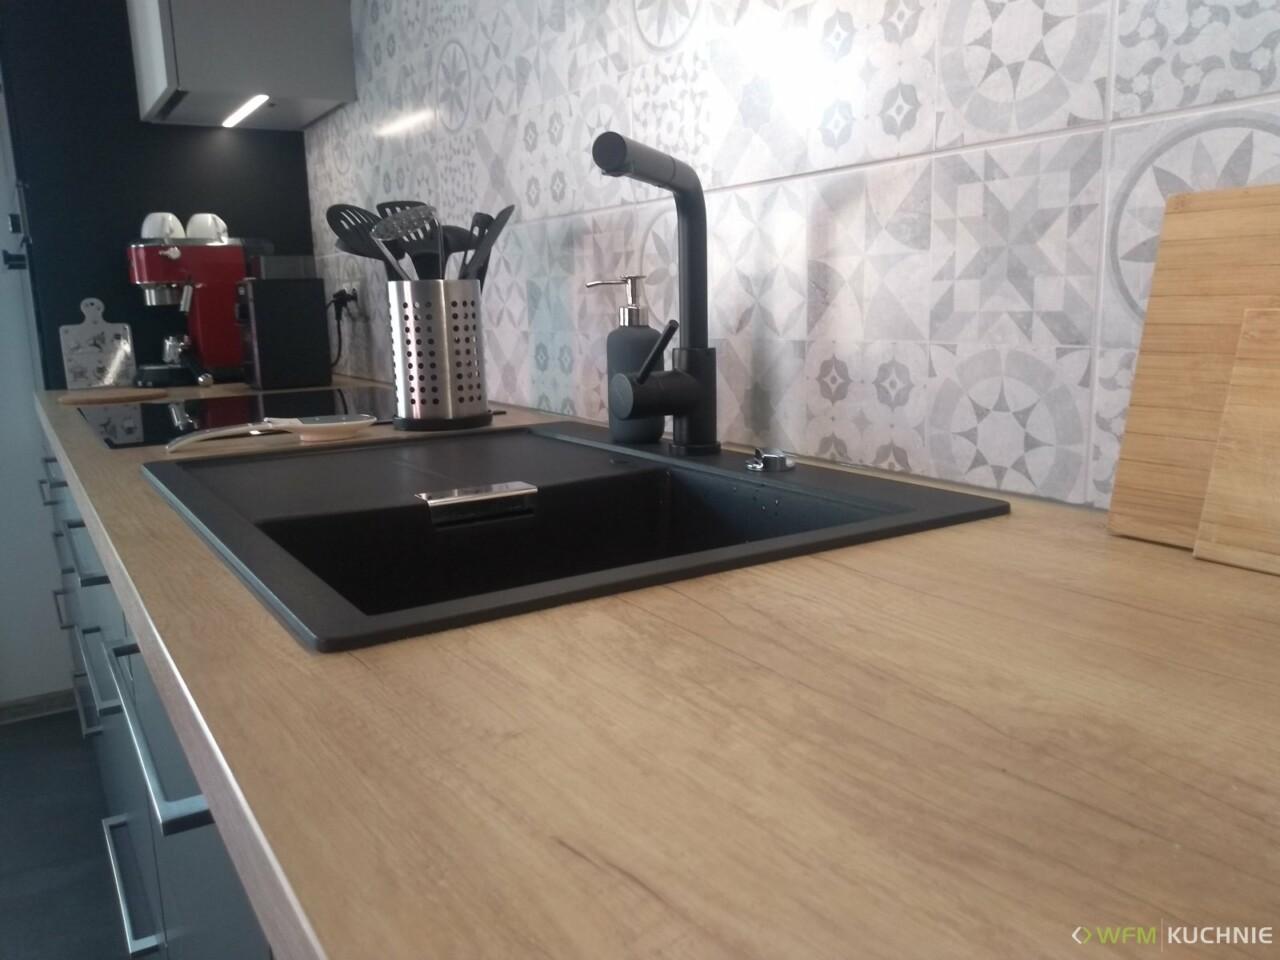 Kuchnie na wymiar WFM RASO czarny P76F - jasny szary P97F - Meble kuchenne Kraków - WFM KUCHNIE Kraków